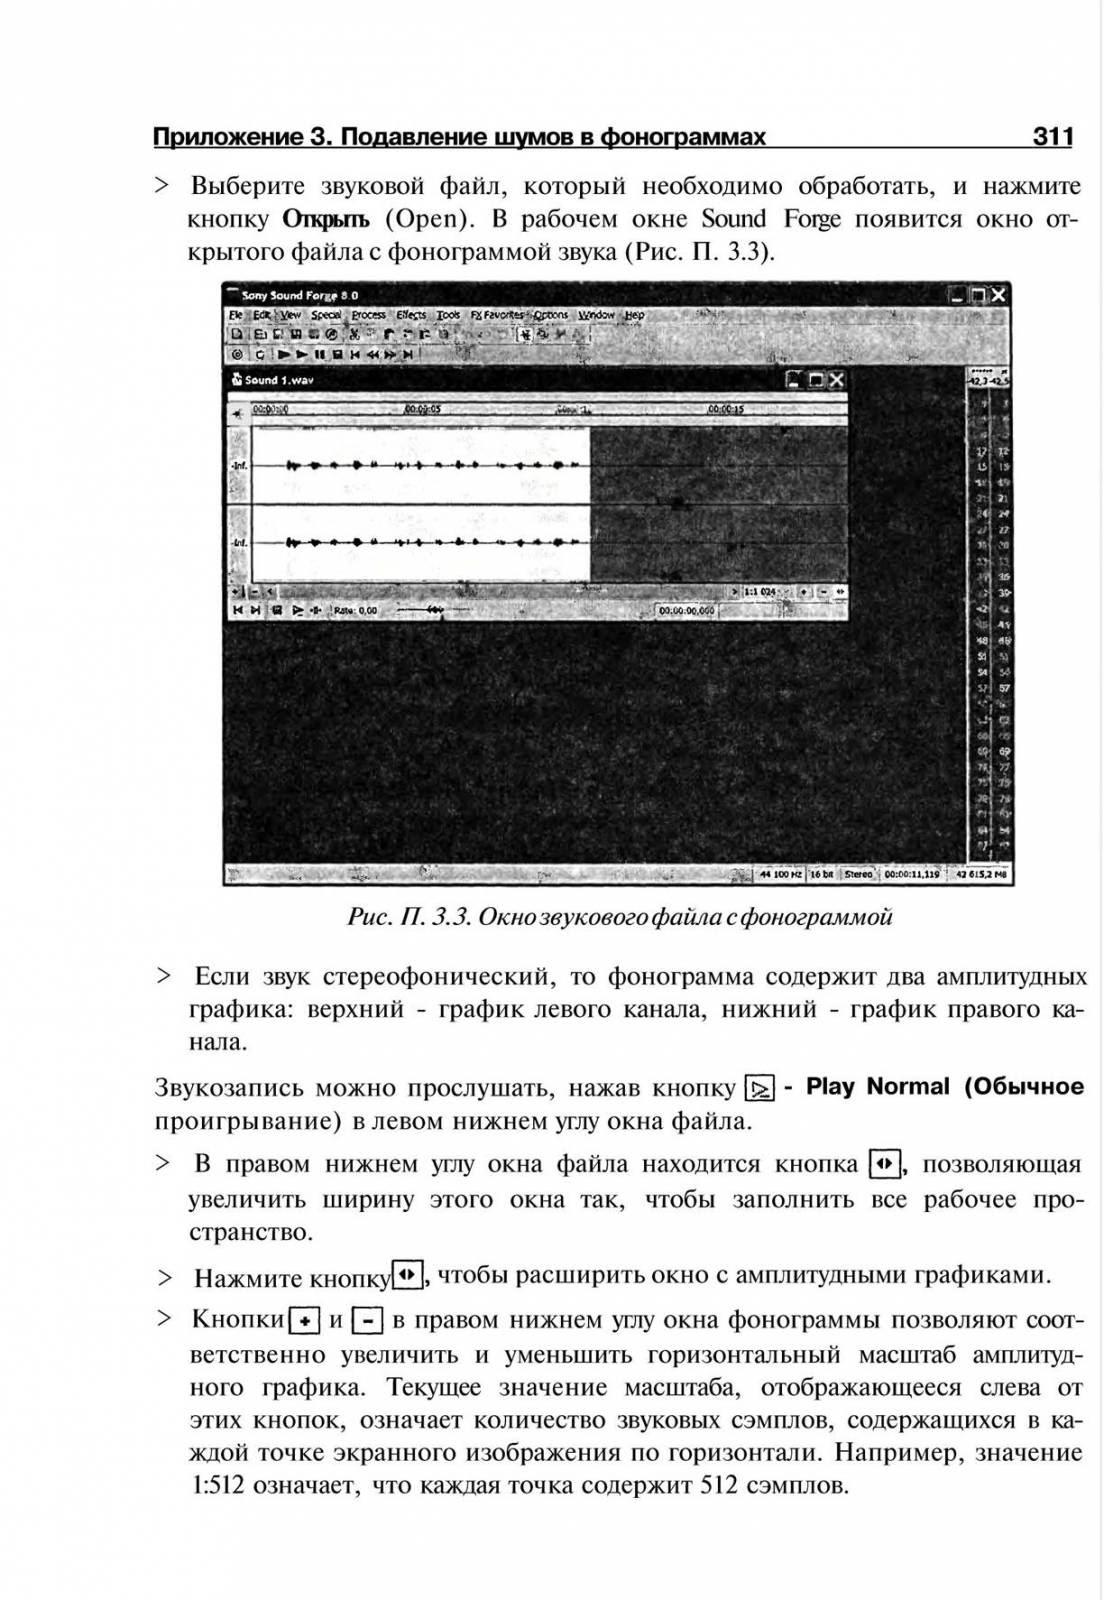 http://redaktori-uroki.3dn.ru/_ph/14/7532362.jpg